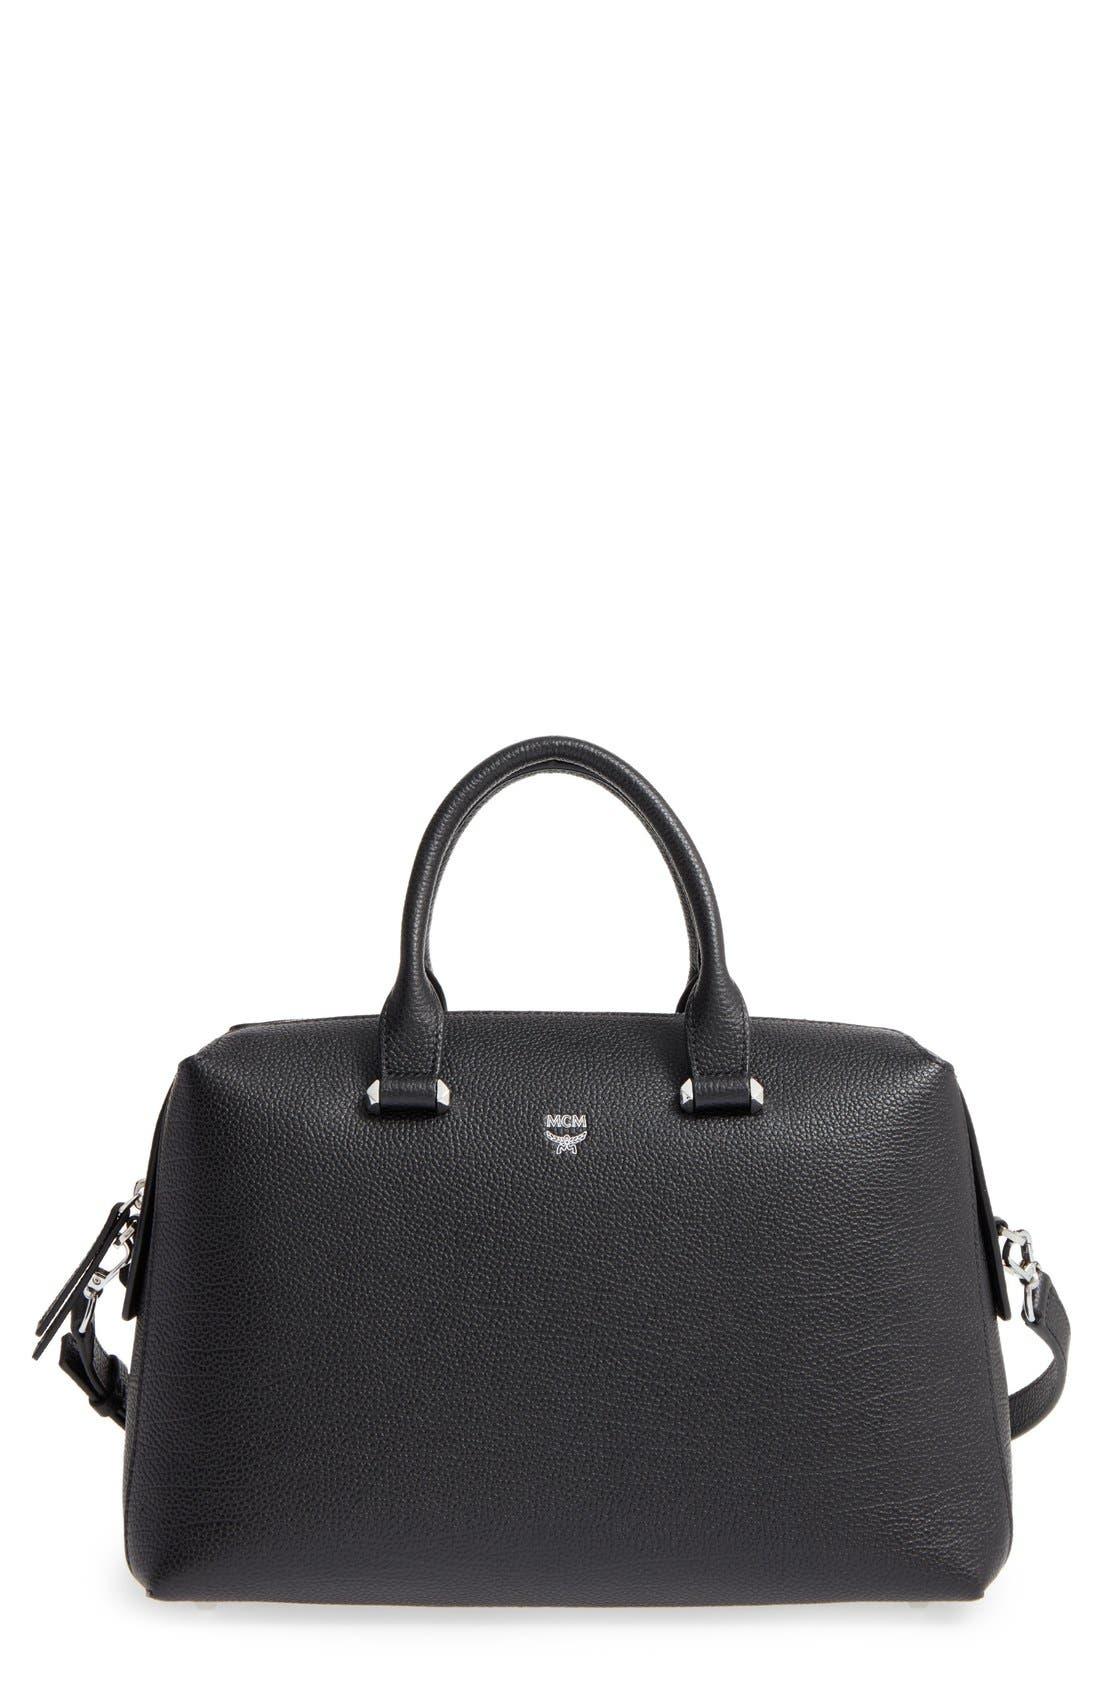 Main Image - MCM Medium Ella Boston Bowler Bag